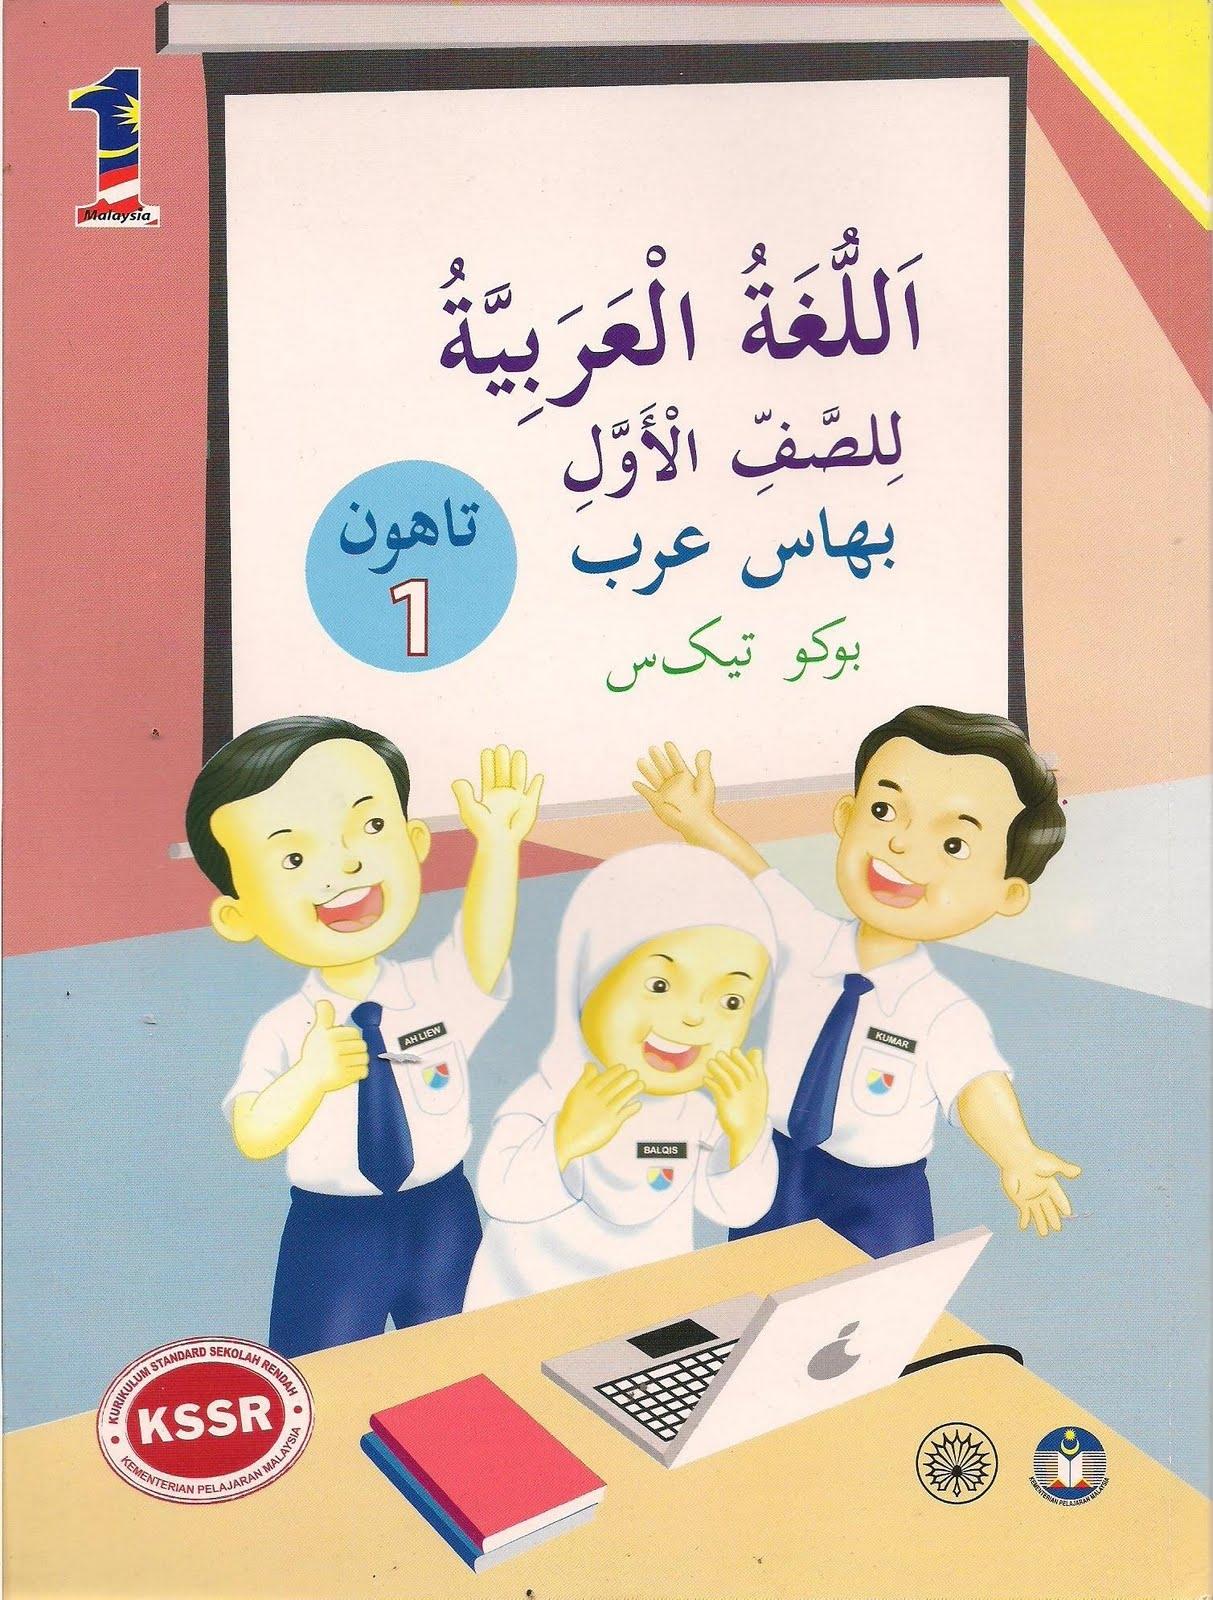 Download Rpt Bahasa Arab Tahun 5 Penting Panitia Pendidikan islam J Qaf Sk Bukit Dinding Bahasa Arab Of Himpunan Rpt Bahasa Arab Tahun 5 Yang Boleh Di Cetak Dengan Cepat